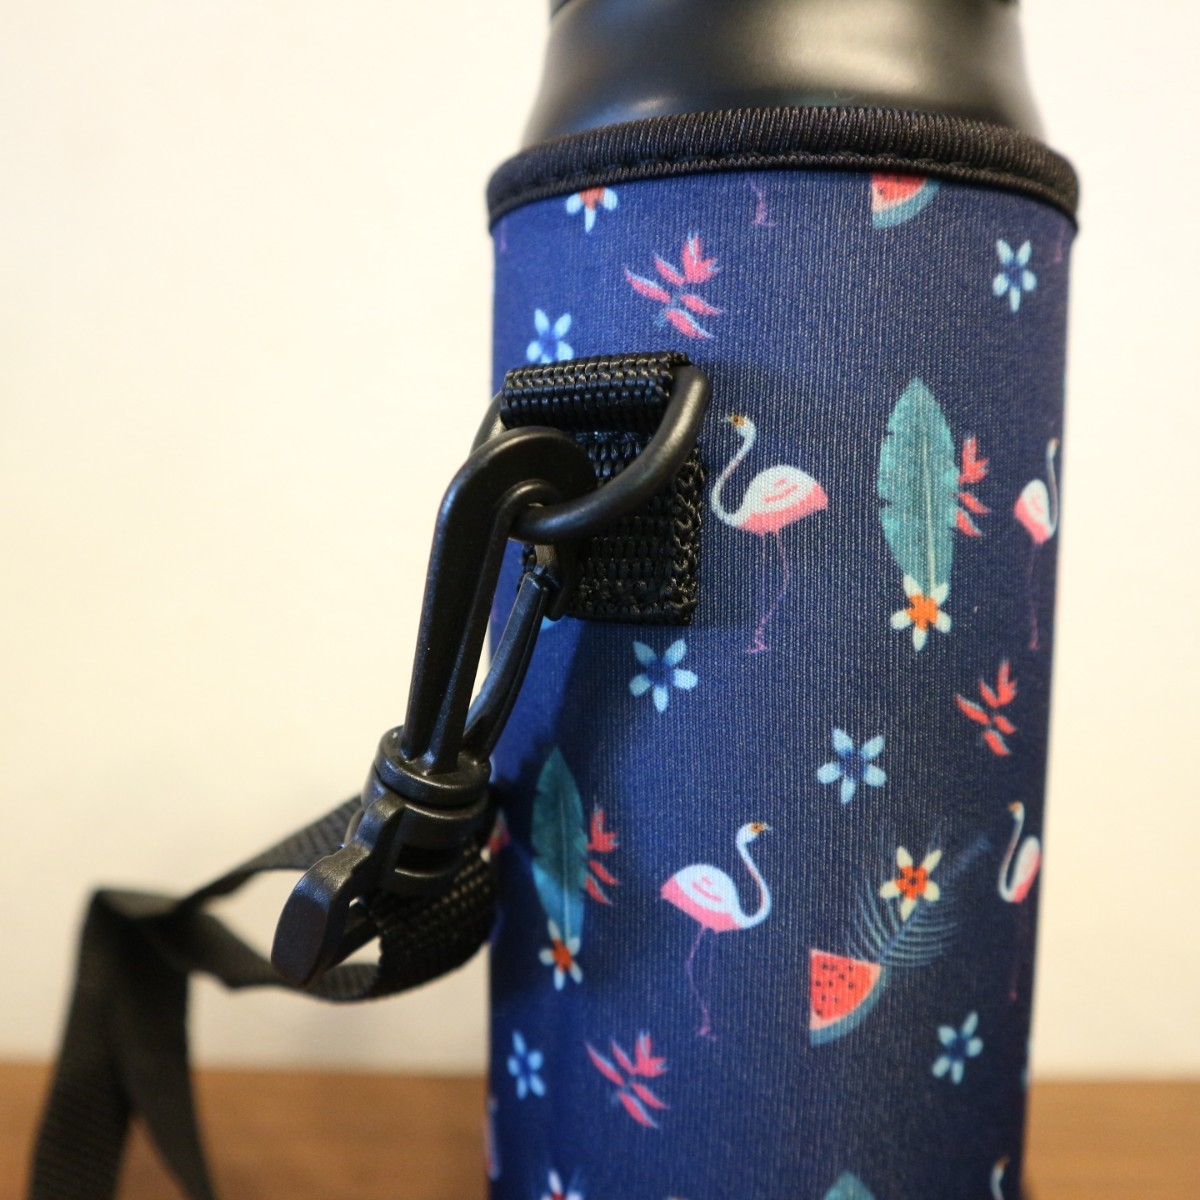 ★水筒カバー★~600ml ショルダーベルト付 水筒ケース ボトルカバー フラ☆